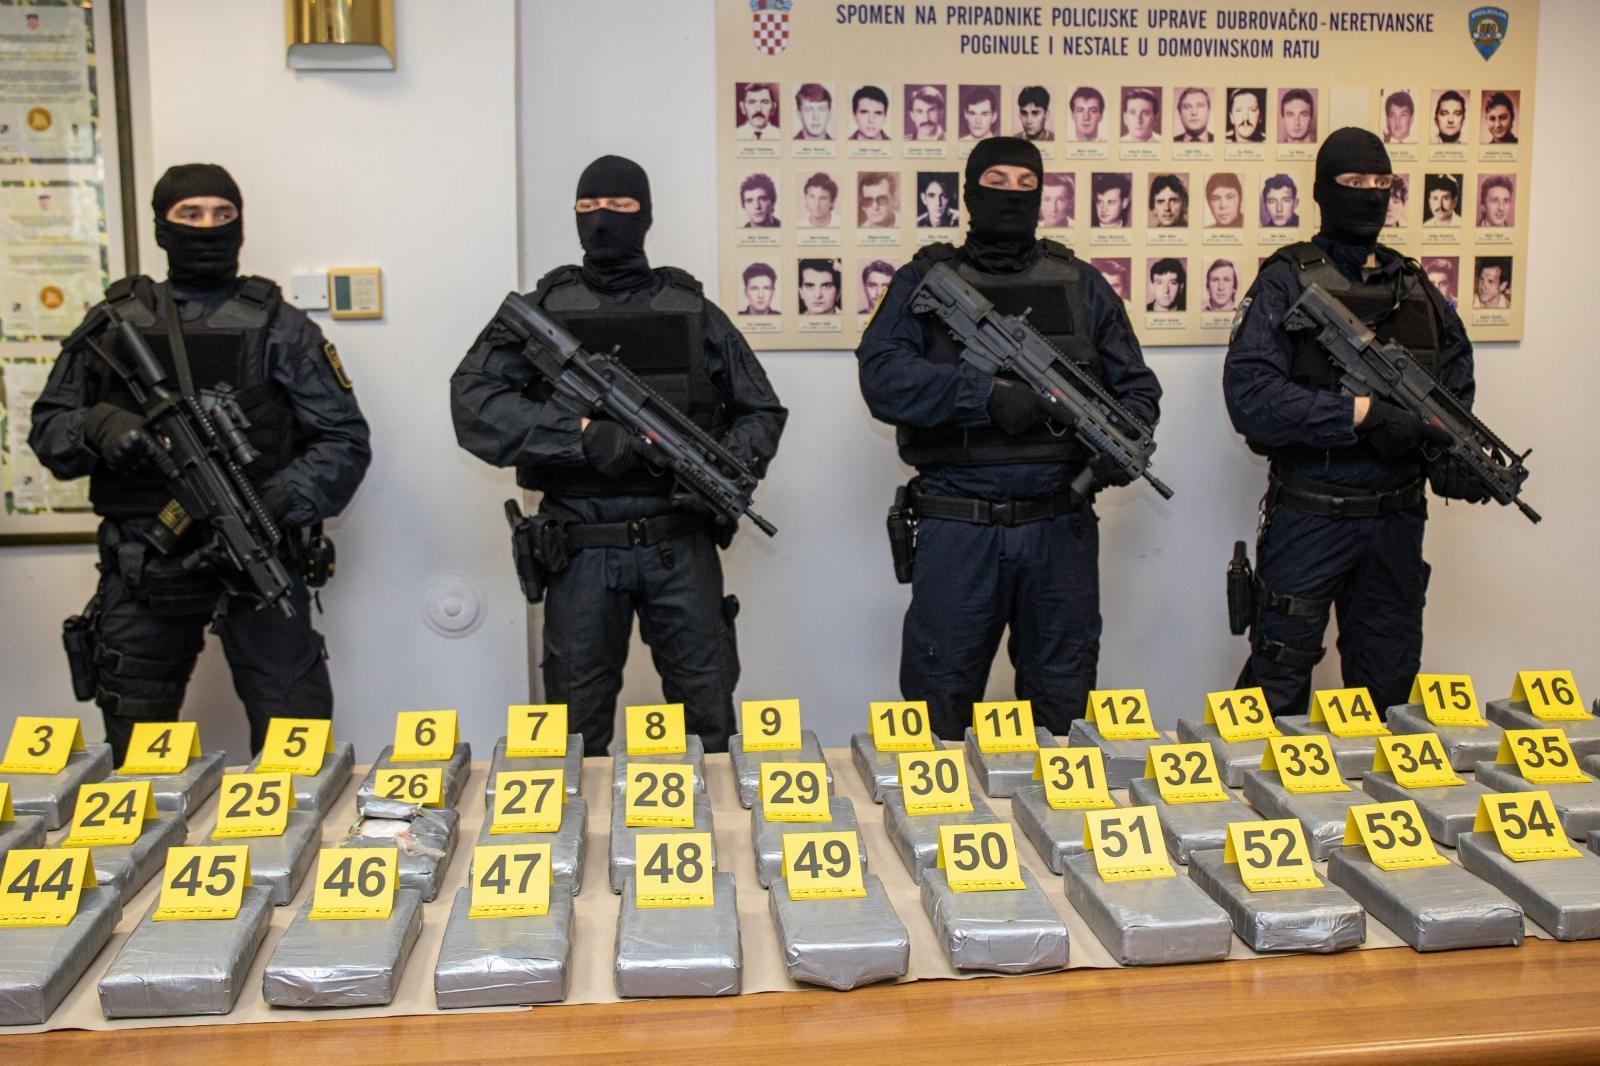 (VIDEO) U kontejneru s bananama skrivali više od 70 kilograma kokaina. Kako su ga prokrijumčarili iz Ekvadora u Hrvatsku?